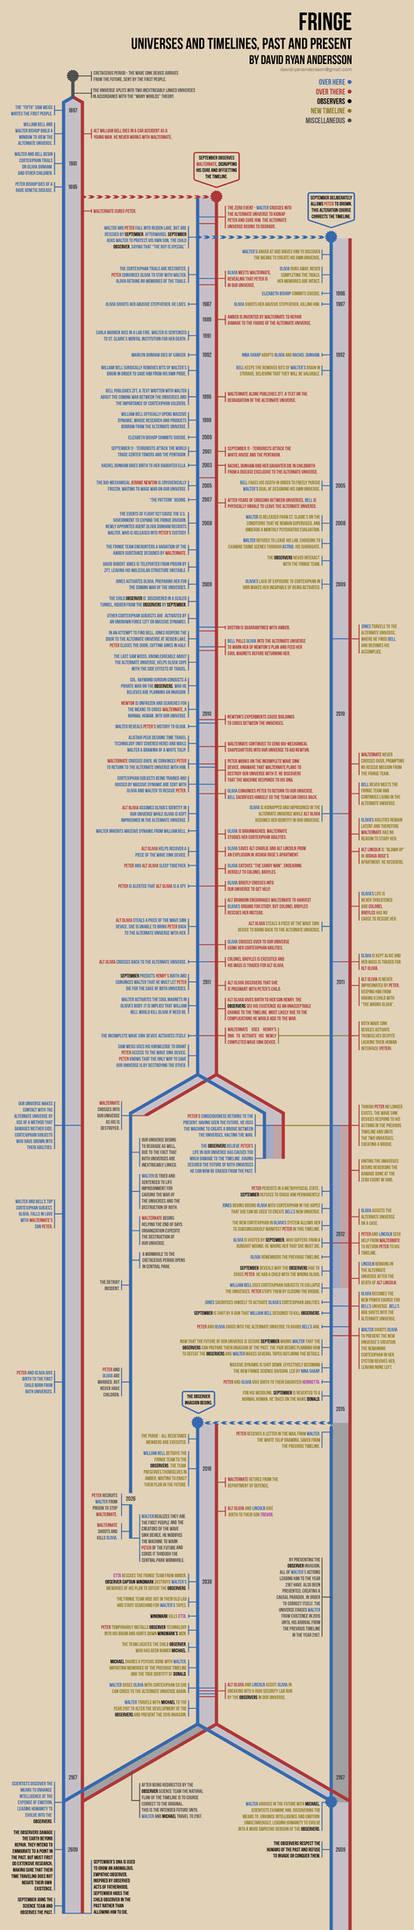 Fringe Timeline Infographic